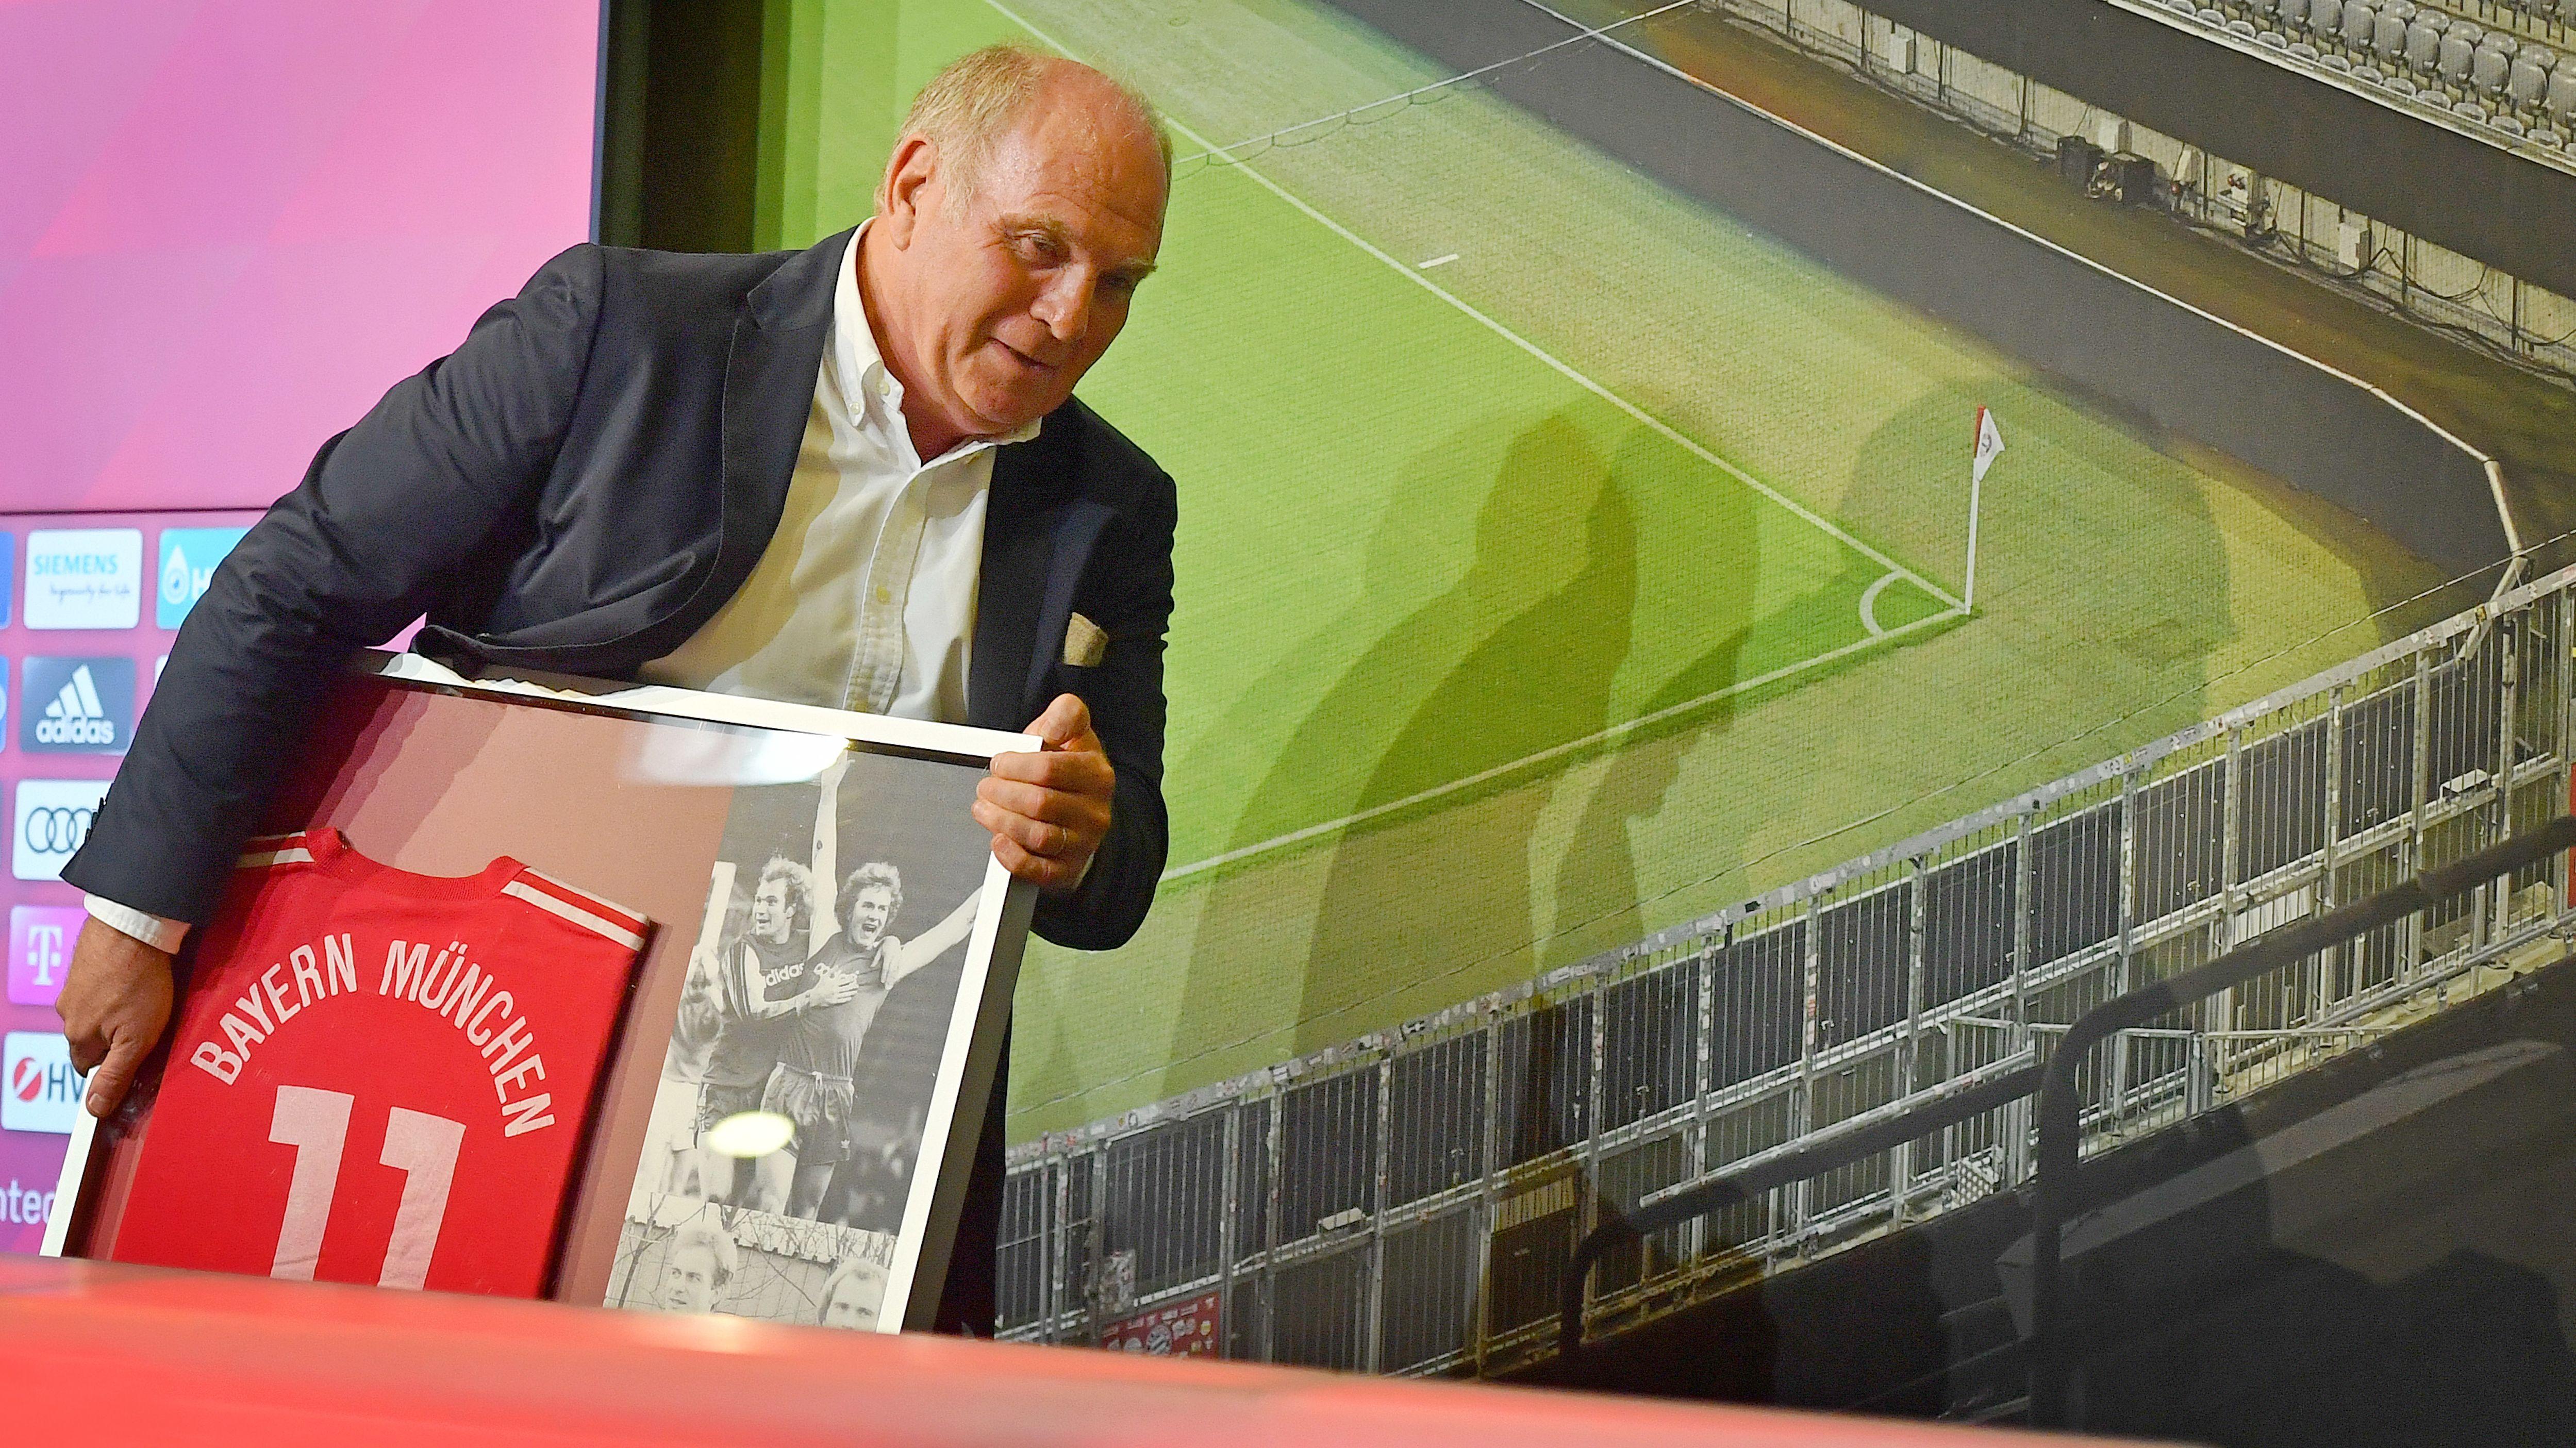 Der scheidende Bayern-Präsident Uli Hoeneß mit einem Bilderrahmen, in dem ein Foto von ihm als Spieler sowie ein altes Trikot stecken